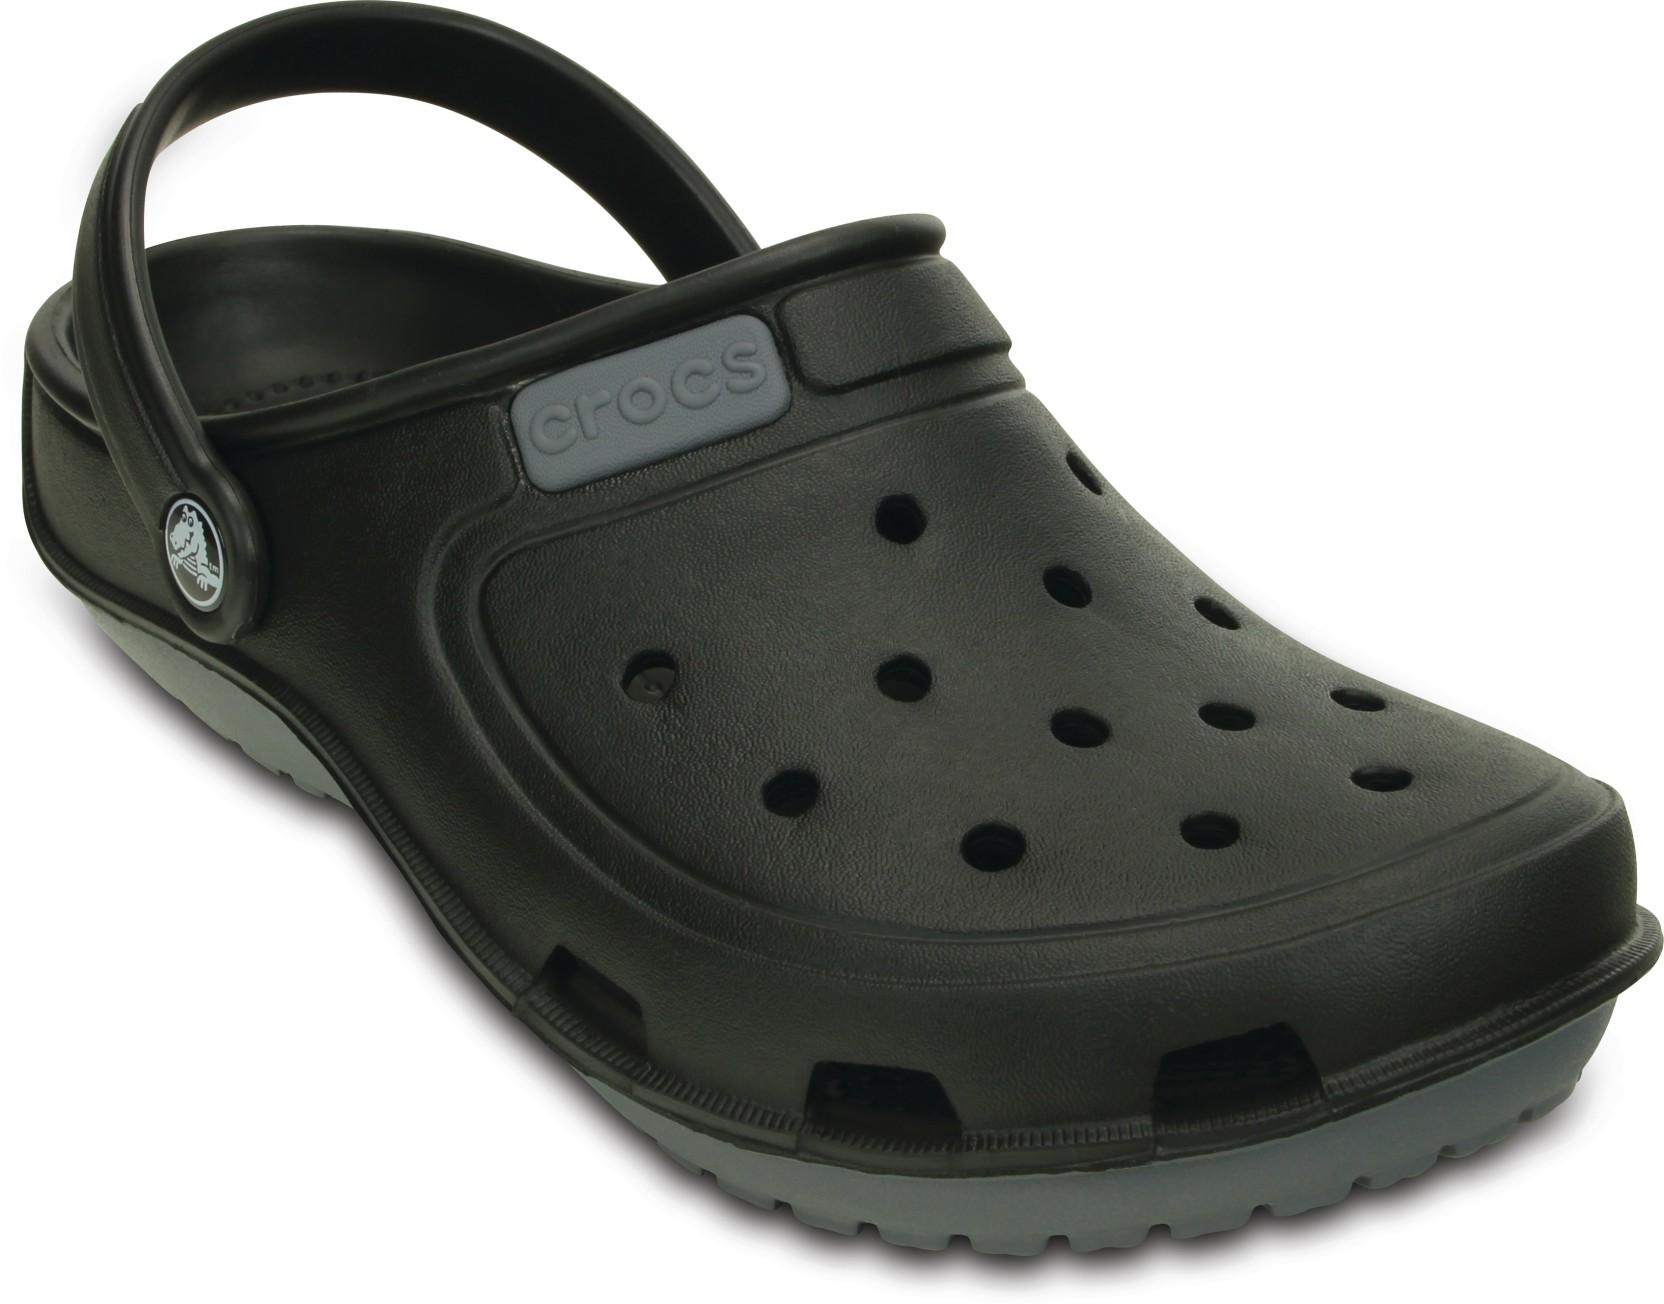 Crocs Men 200366 070 Clogs Buy 200366 070 Color Crocs